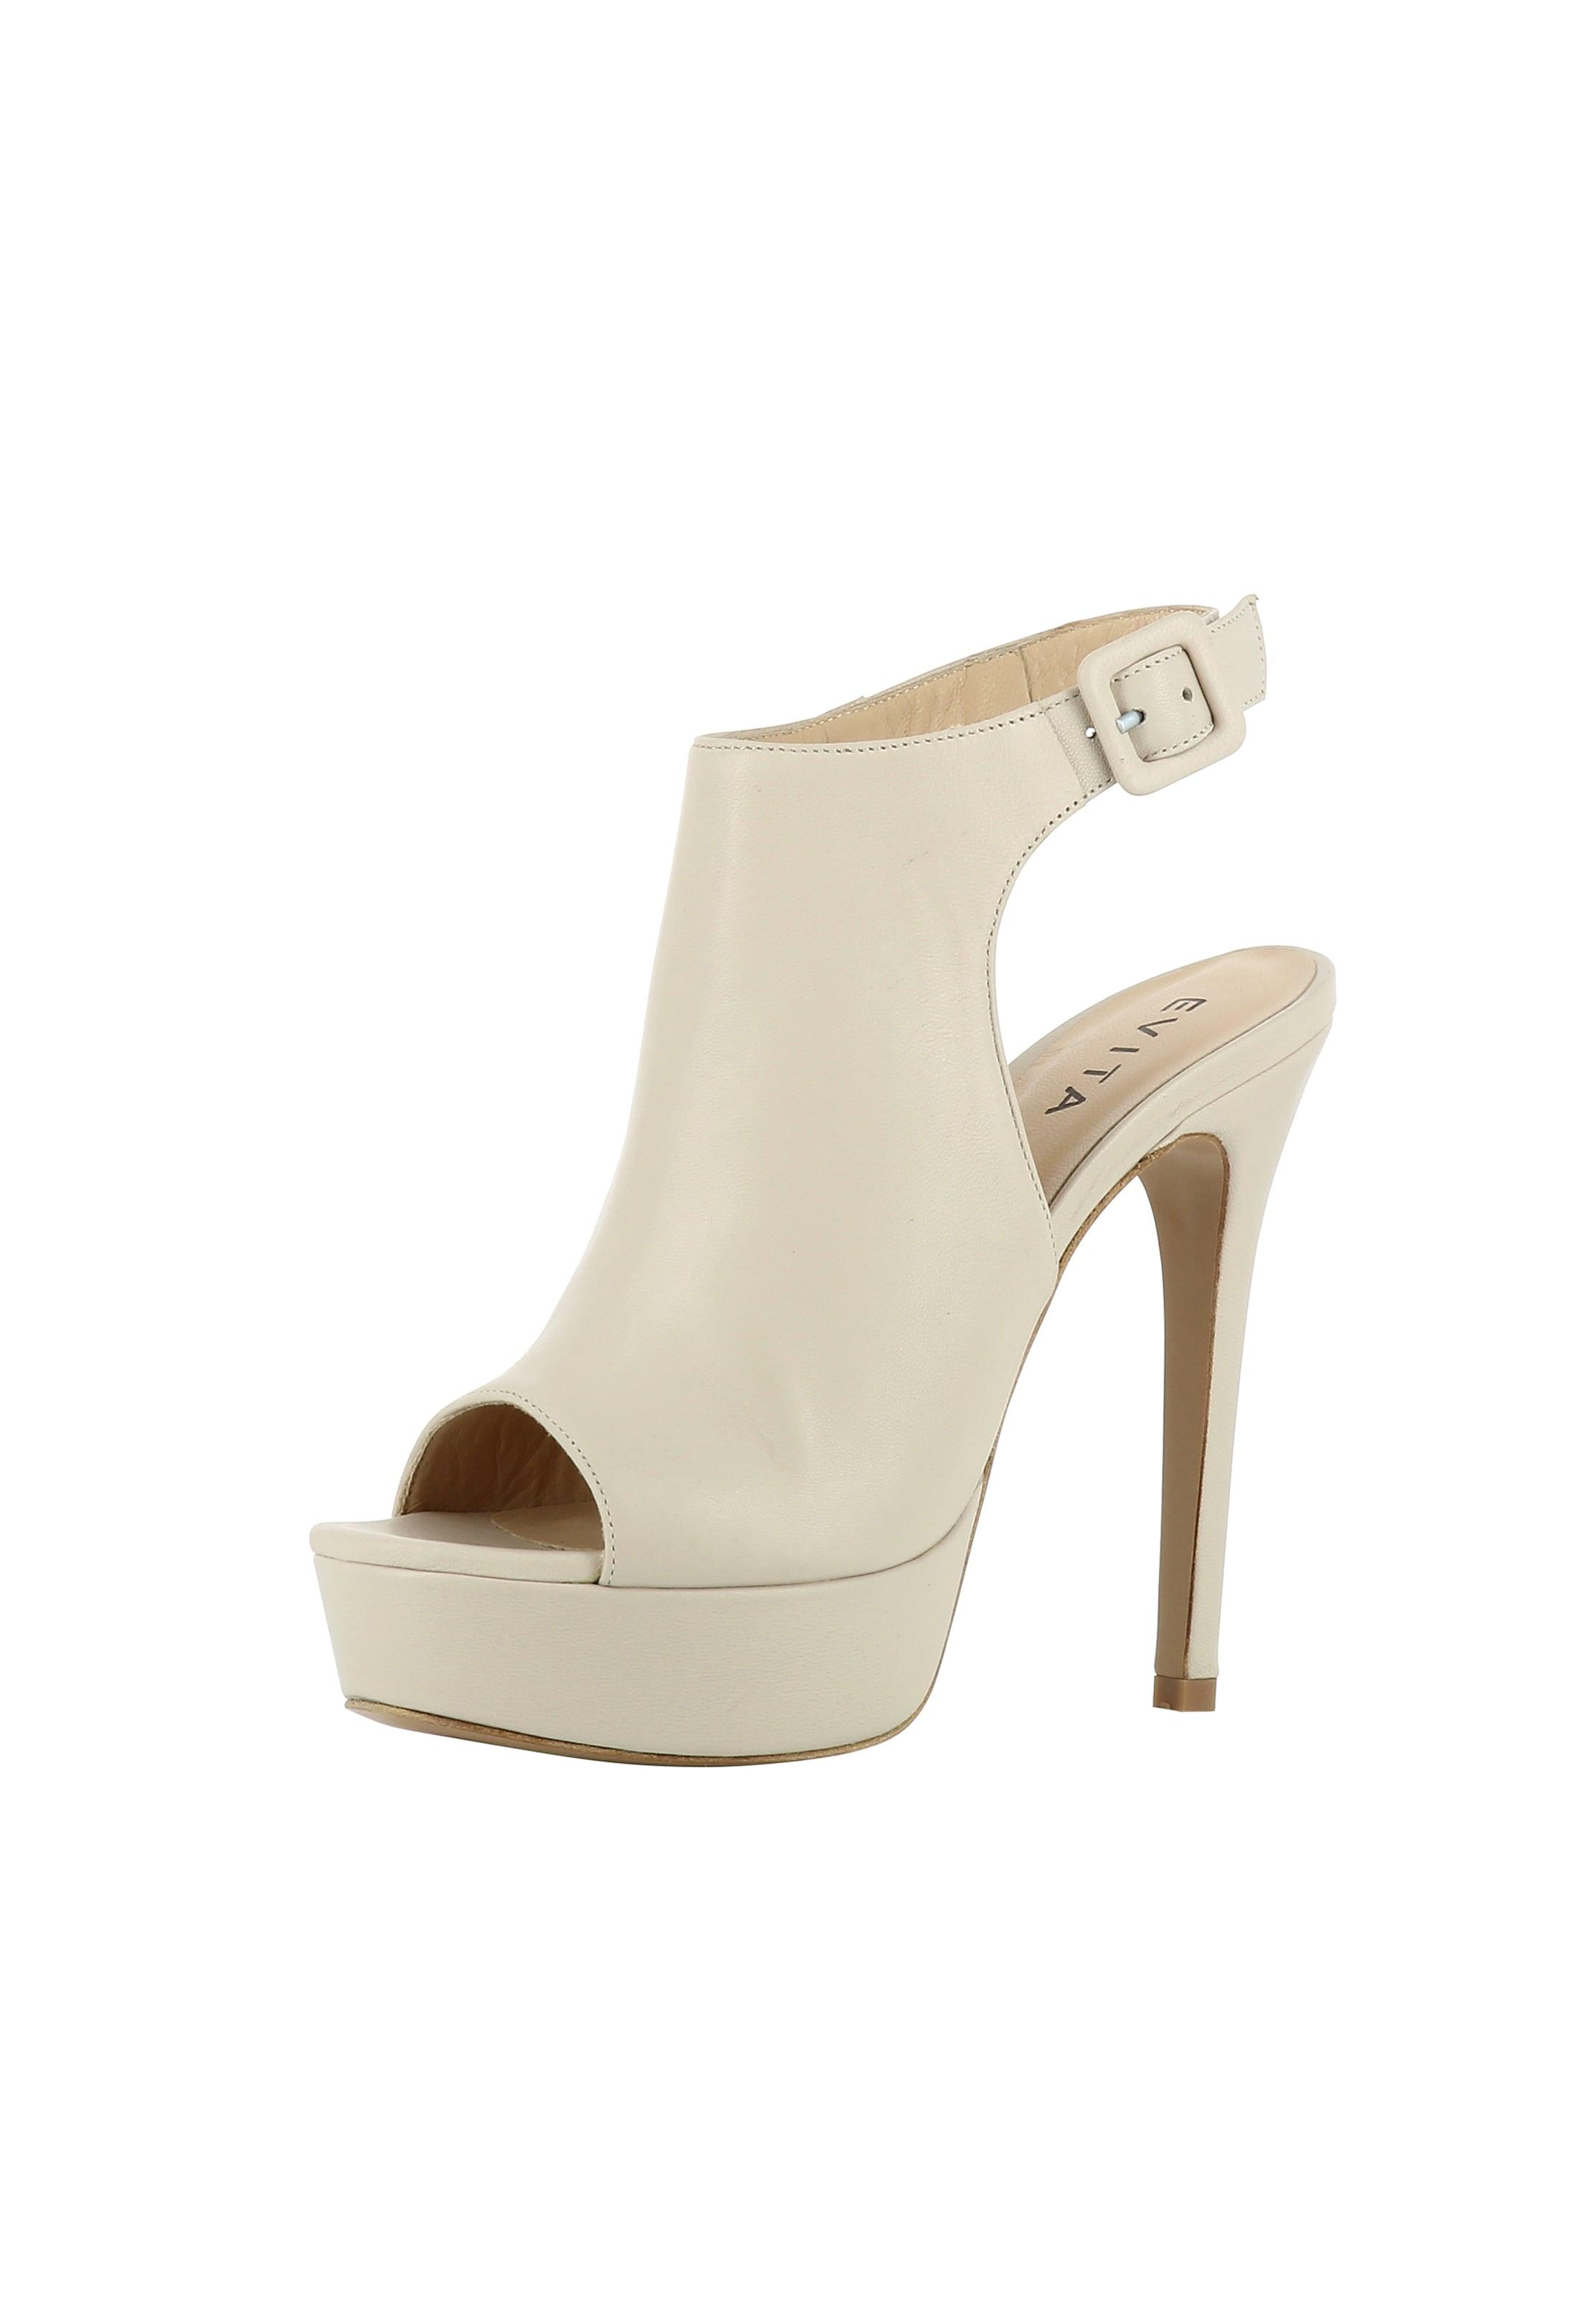 Um Online Kaufen Amazon Günstig Online EVITA Damen Sandalette Bester Ort Zum Verkauf 2018 Shop-Angebot Verkauf Online 9Th1cjTA